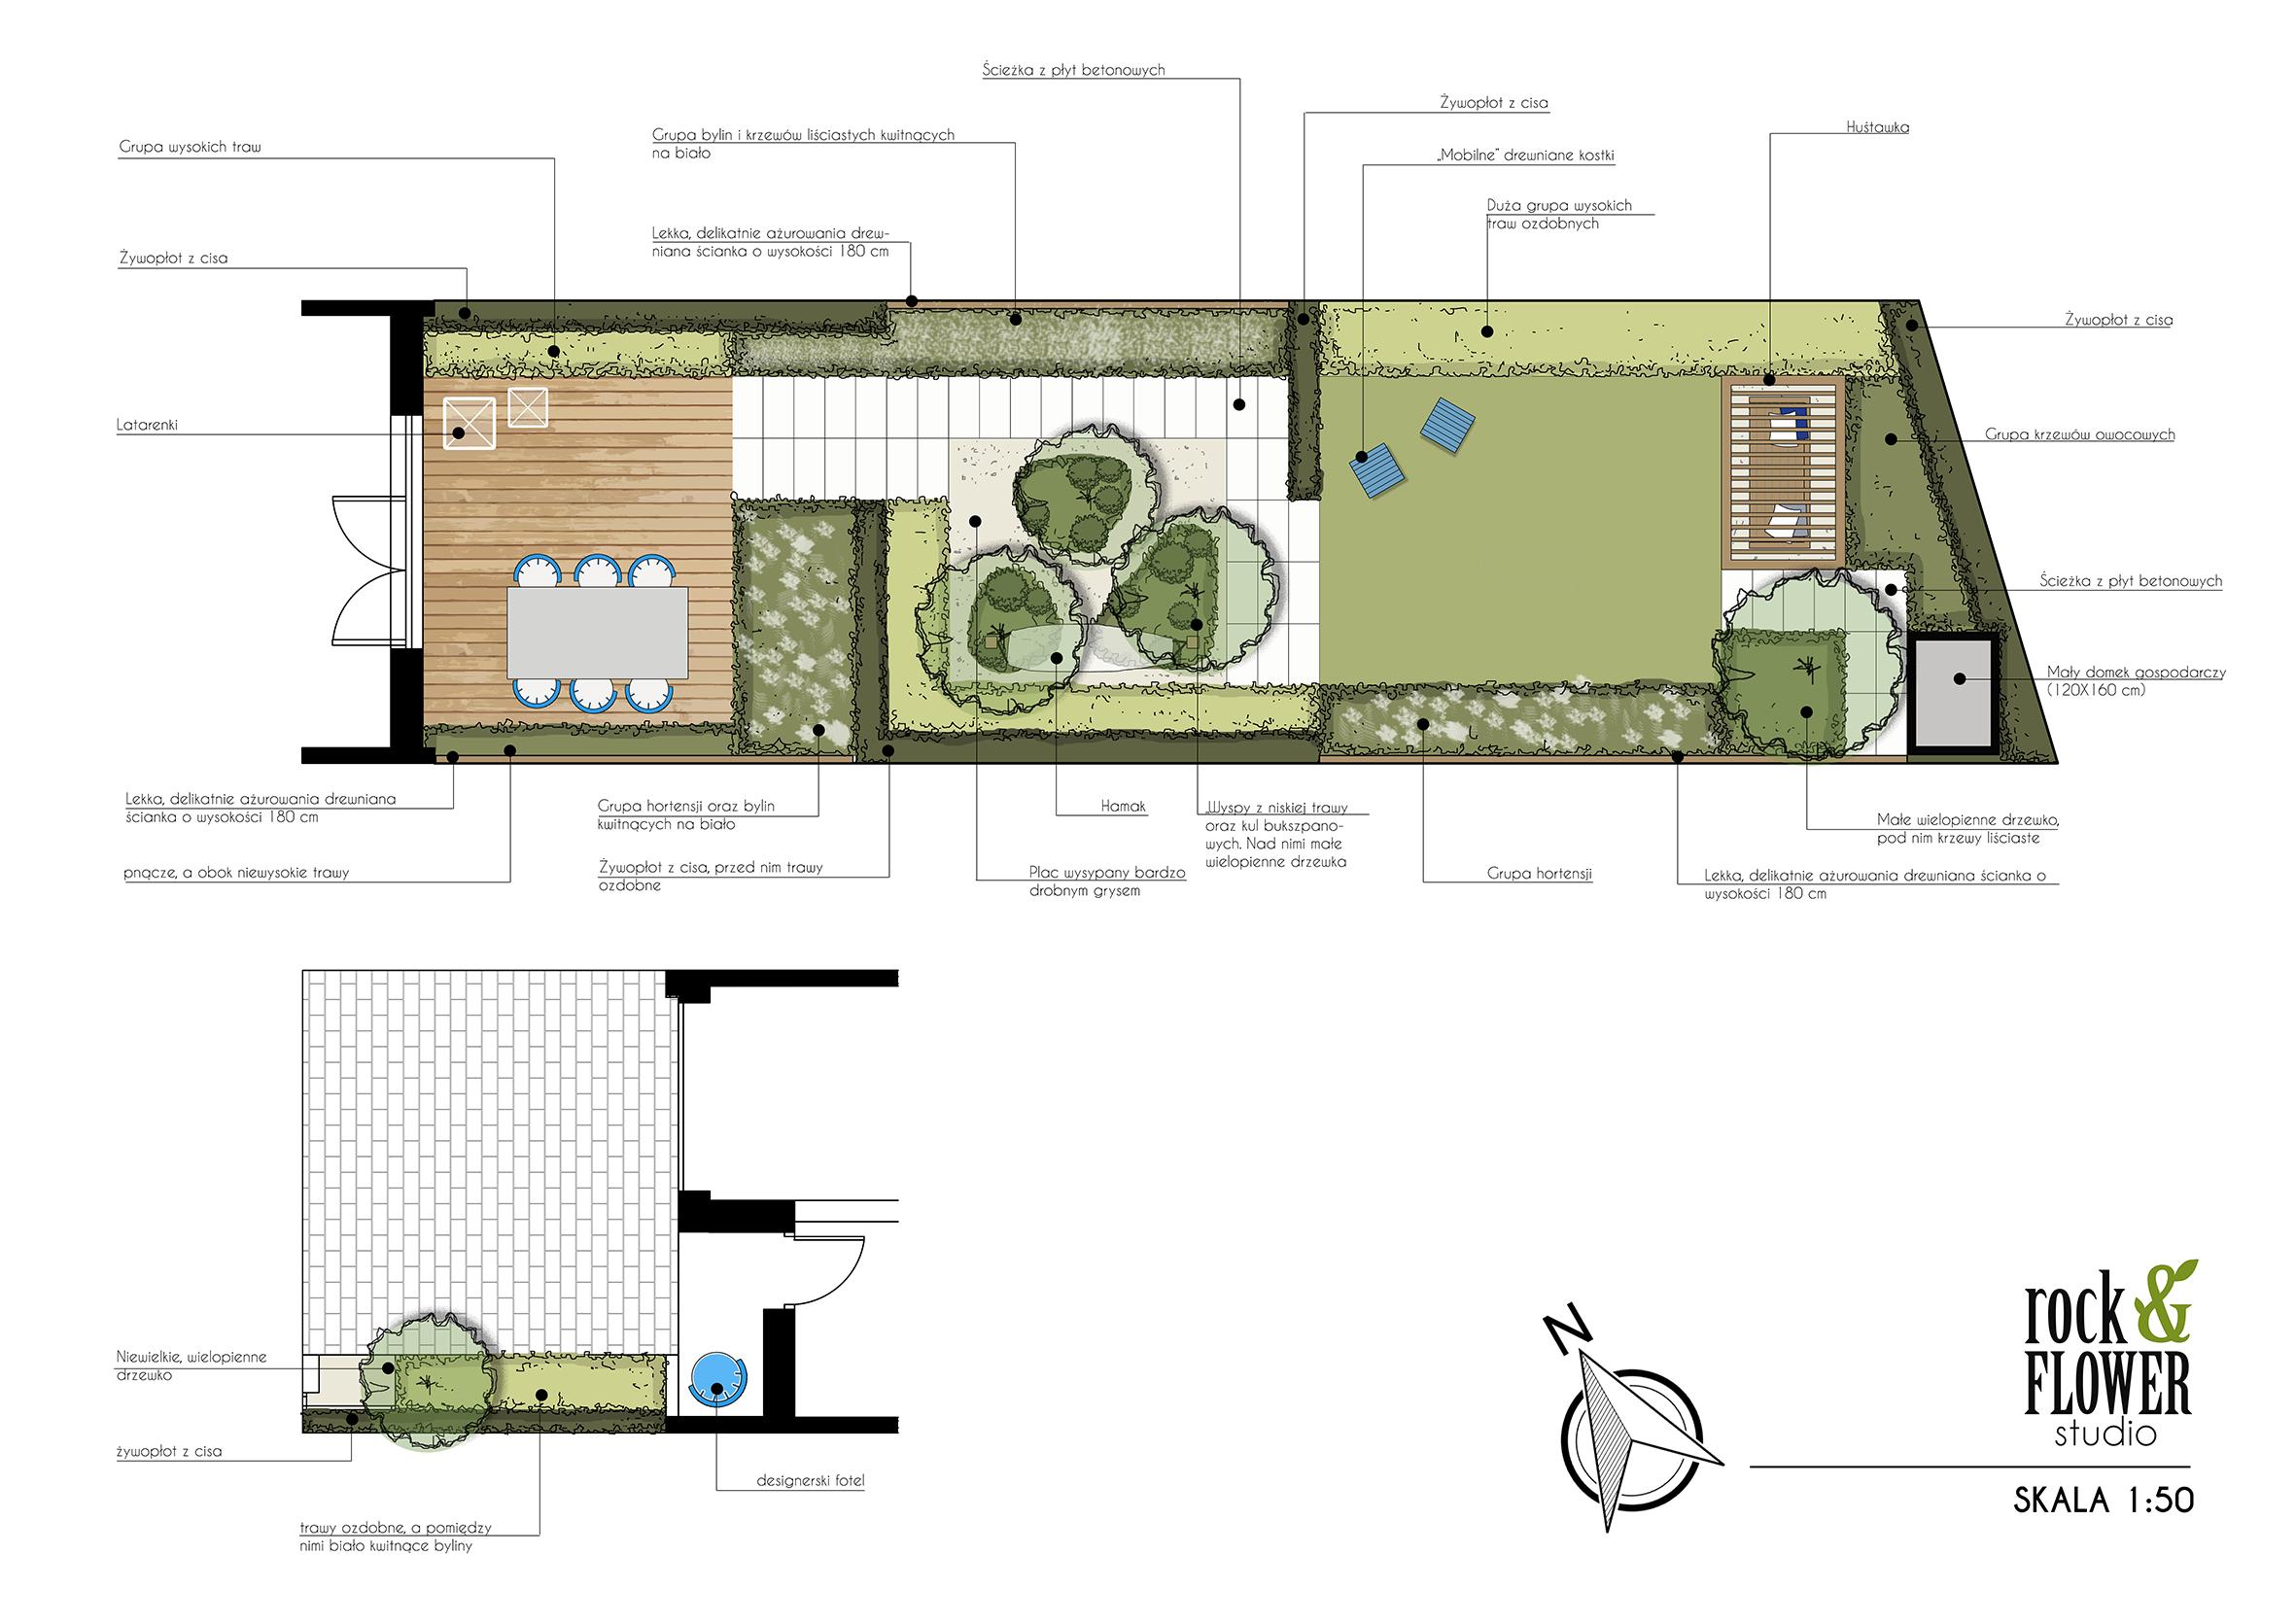 projekt ogrodu przy szeregowcu mały ogród architektura krajobrazu poznań rfstudio rockandflower studio